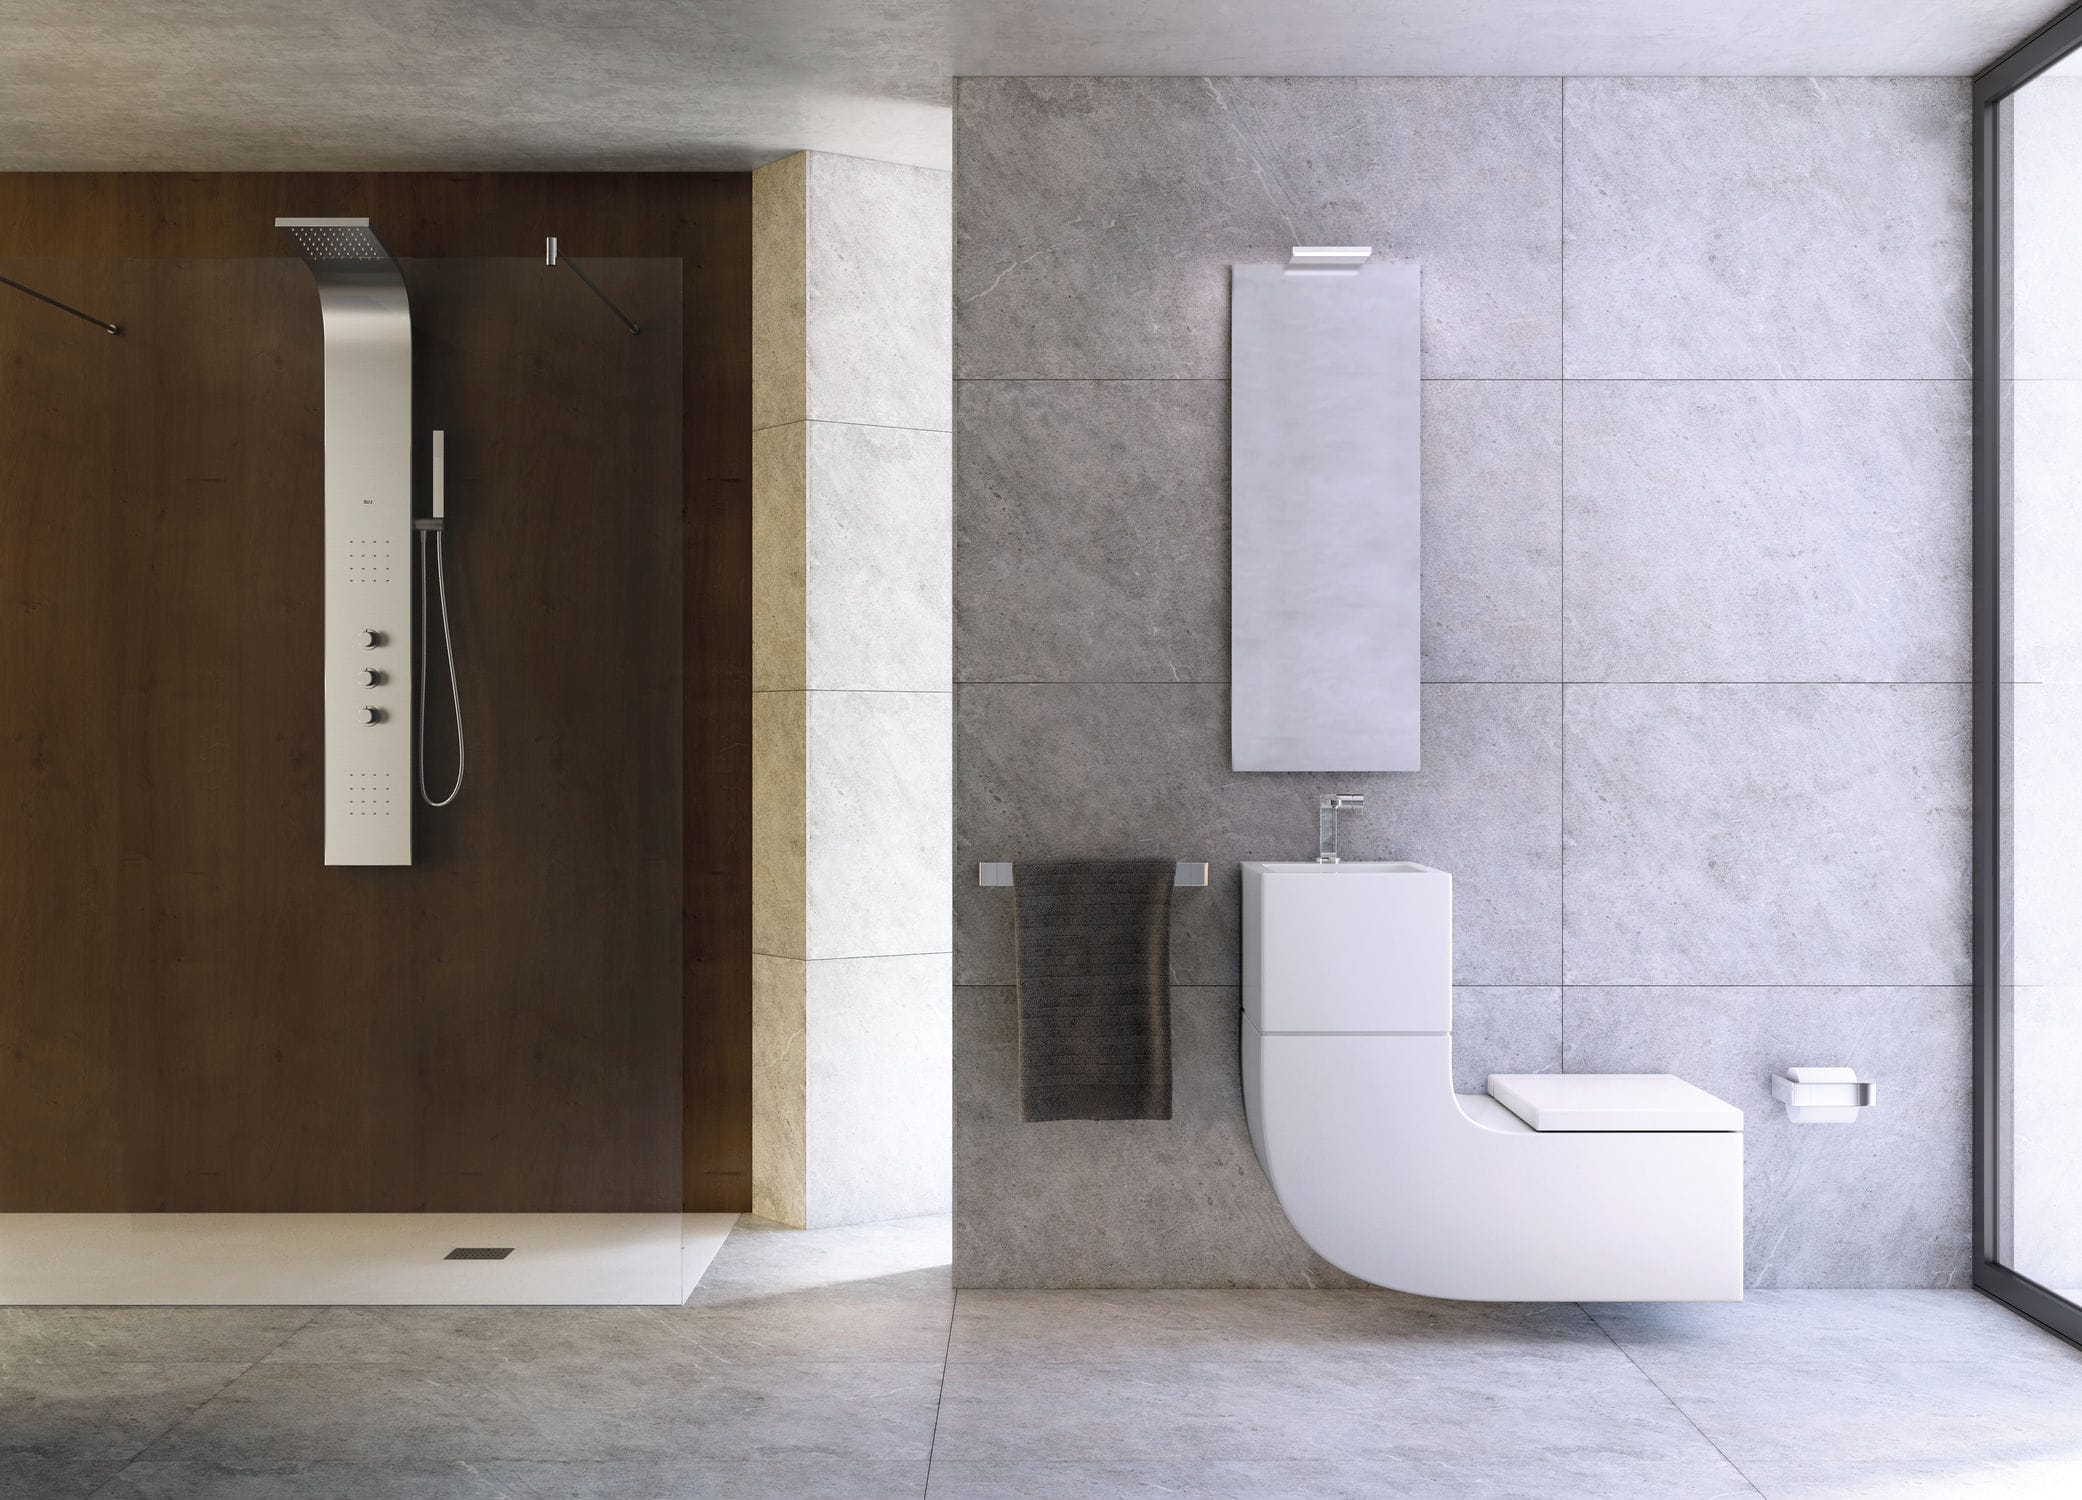 Vasca Da Bagno Roca Prezzi : Artistico vasche da bagno roca bagno idee